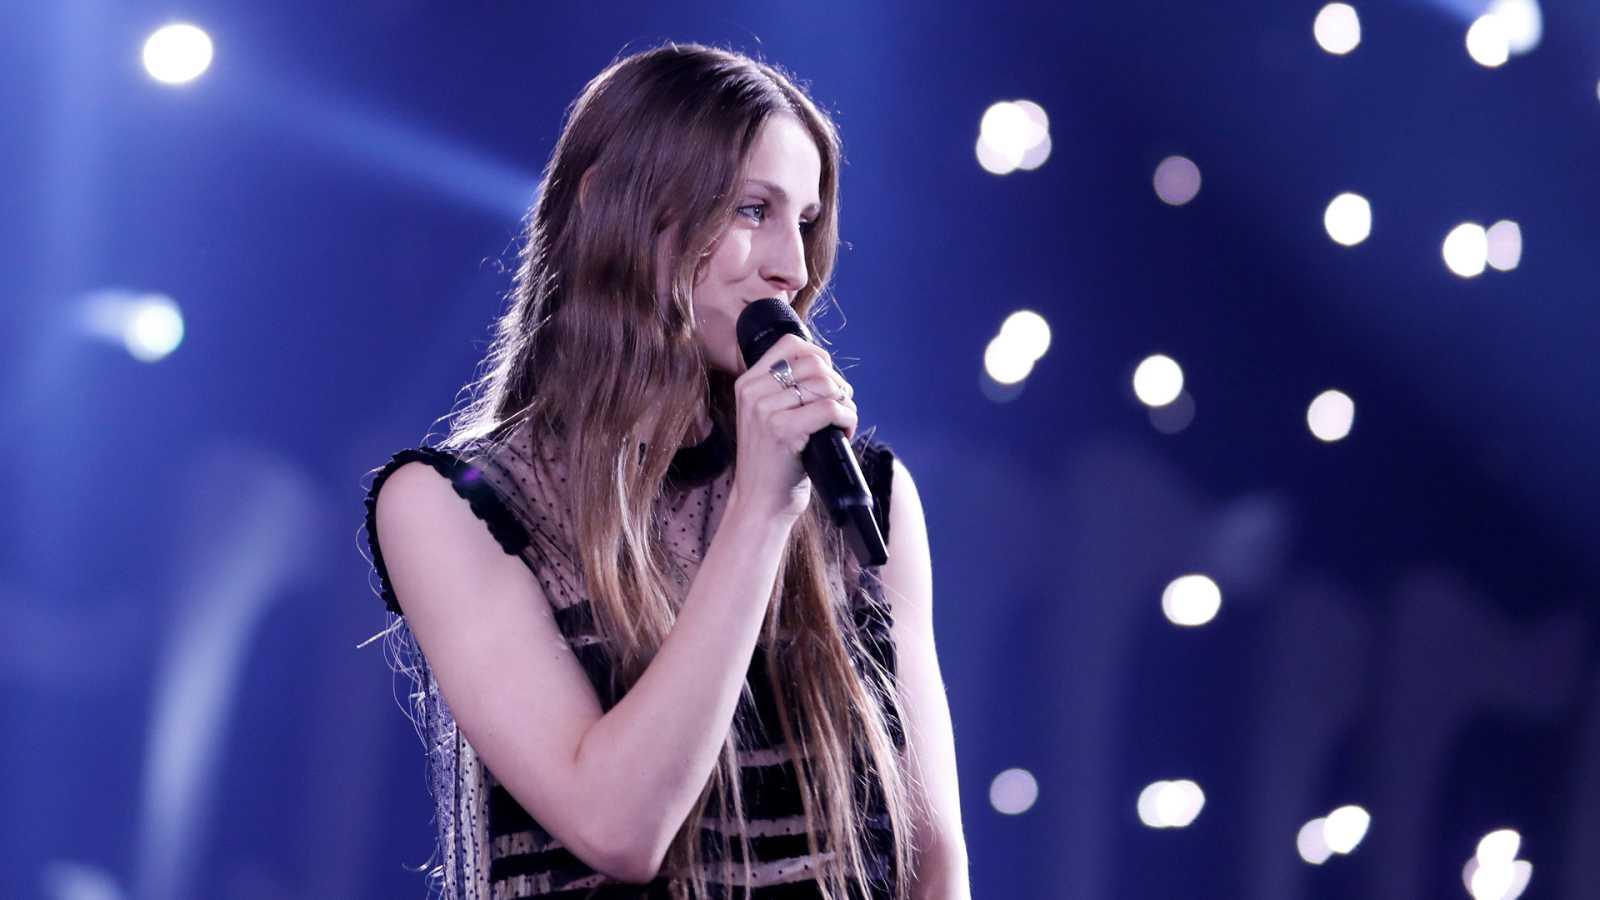 """Eurovisión - Bélgica: Sennek canta """"A matter of time"""" en la primera semifinal de Eurovisión 2018"""